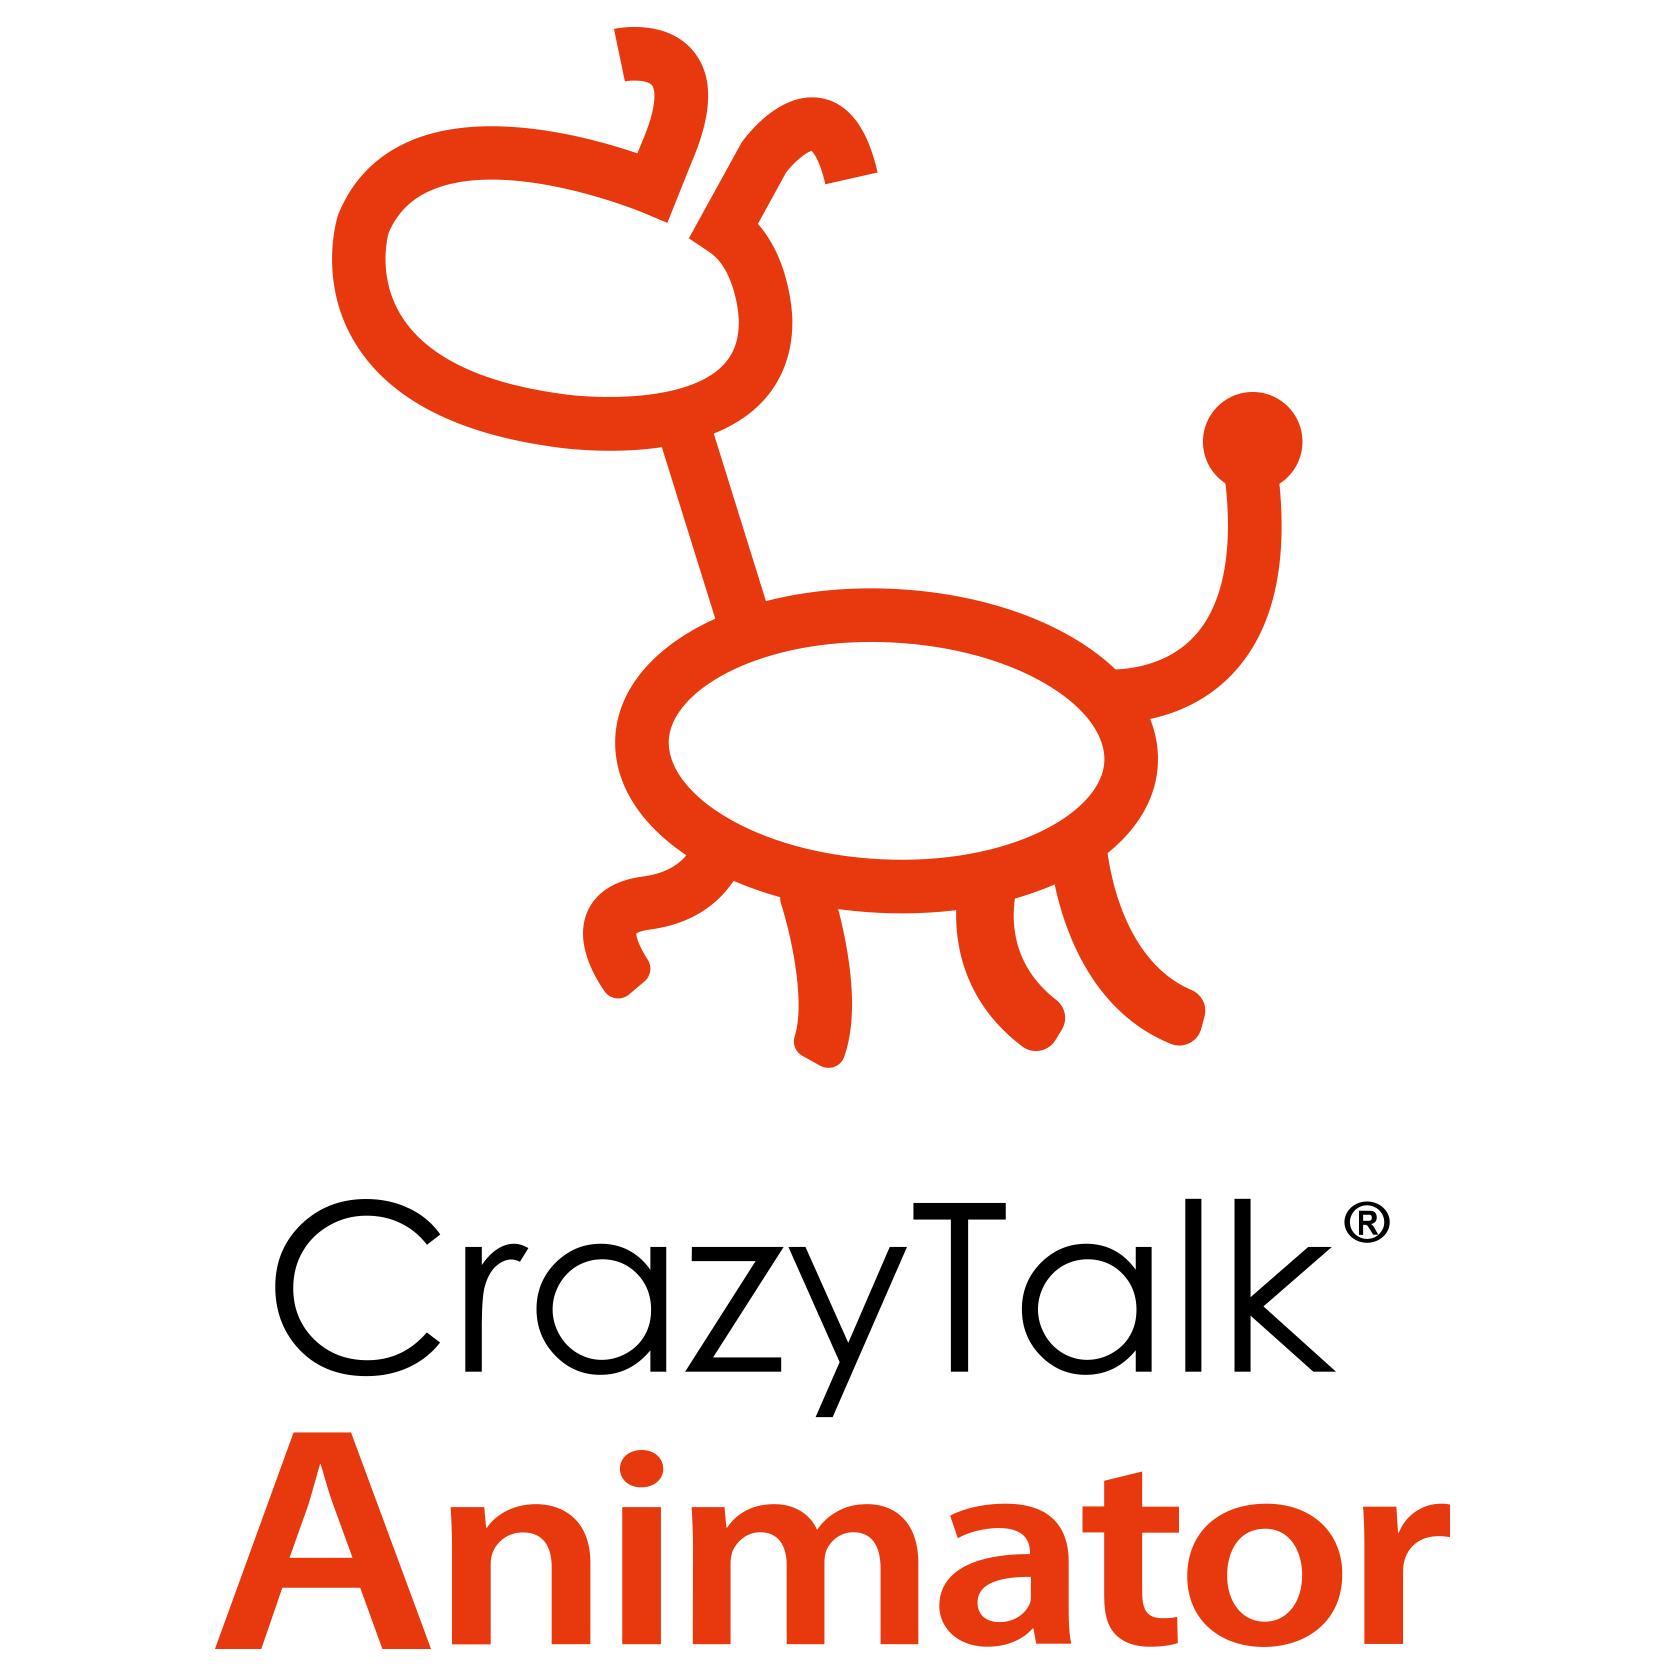 Logiciel d'animation 2D CrazyTalk Animator 2 / 3 Pro Gratuit sur PC (Dématérialisé - Version Anglaise / Allemande) - reallusion.com